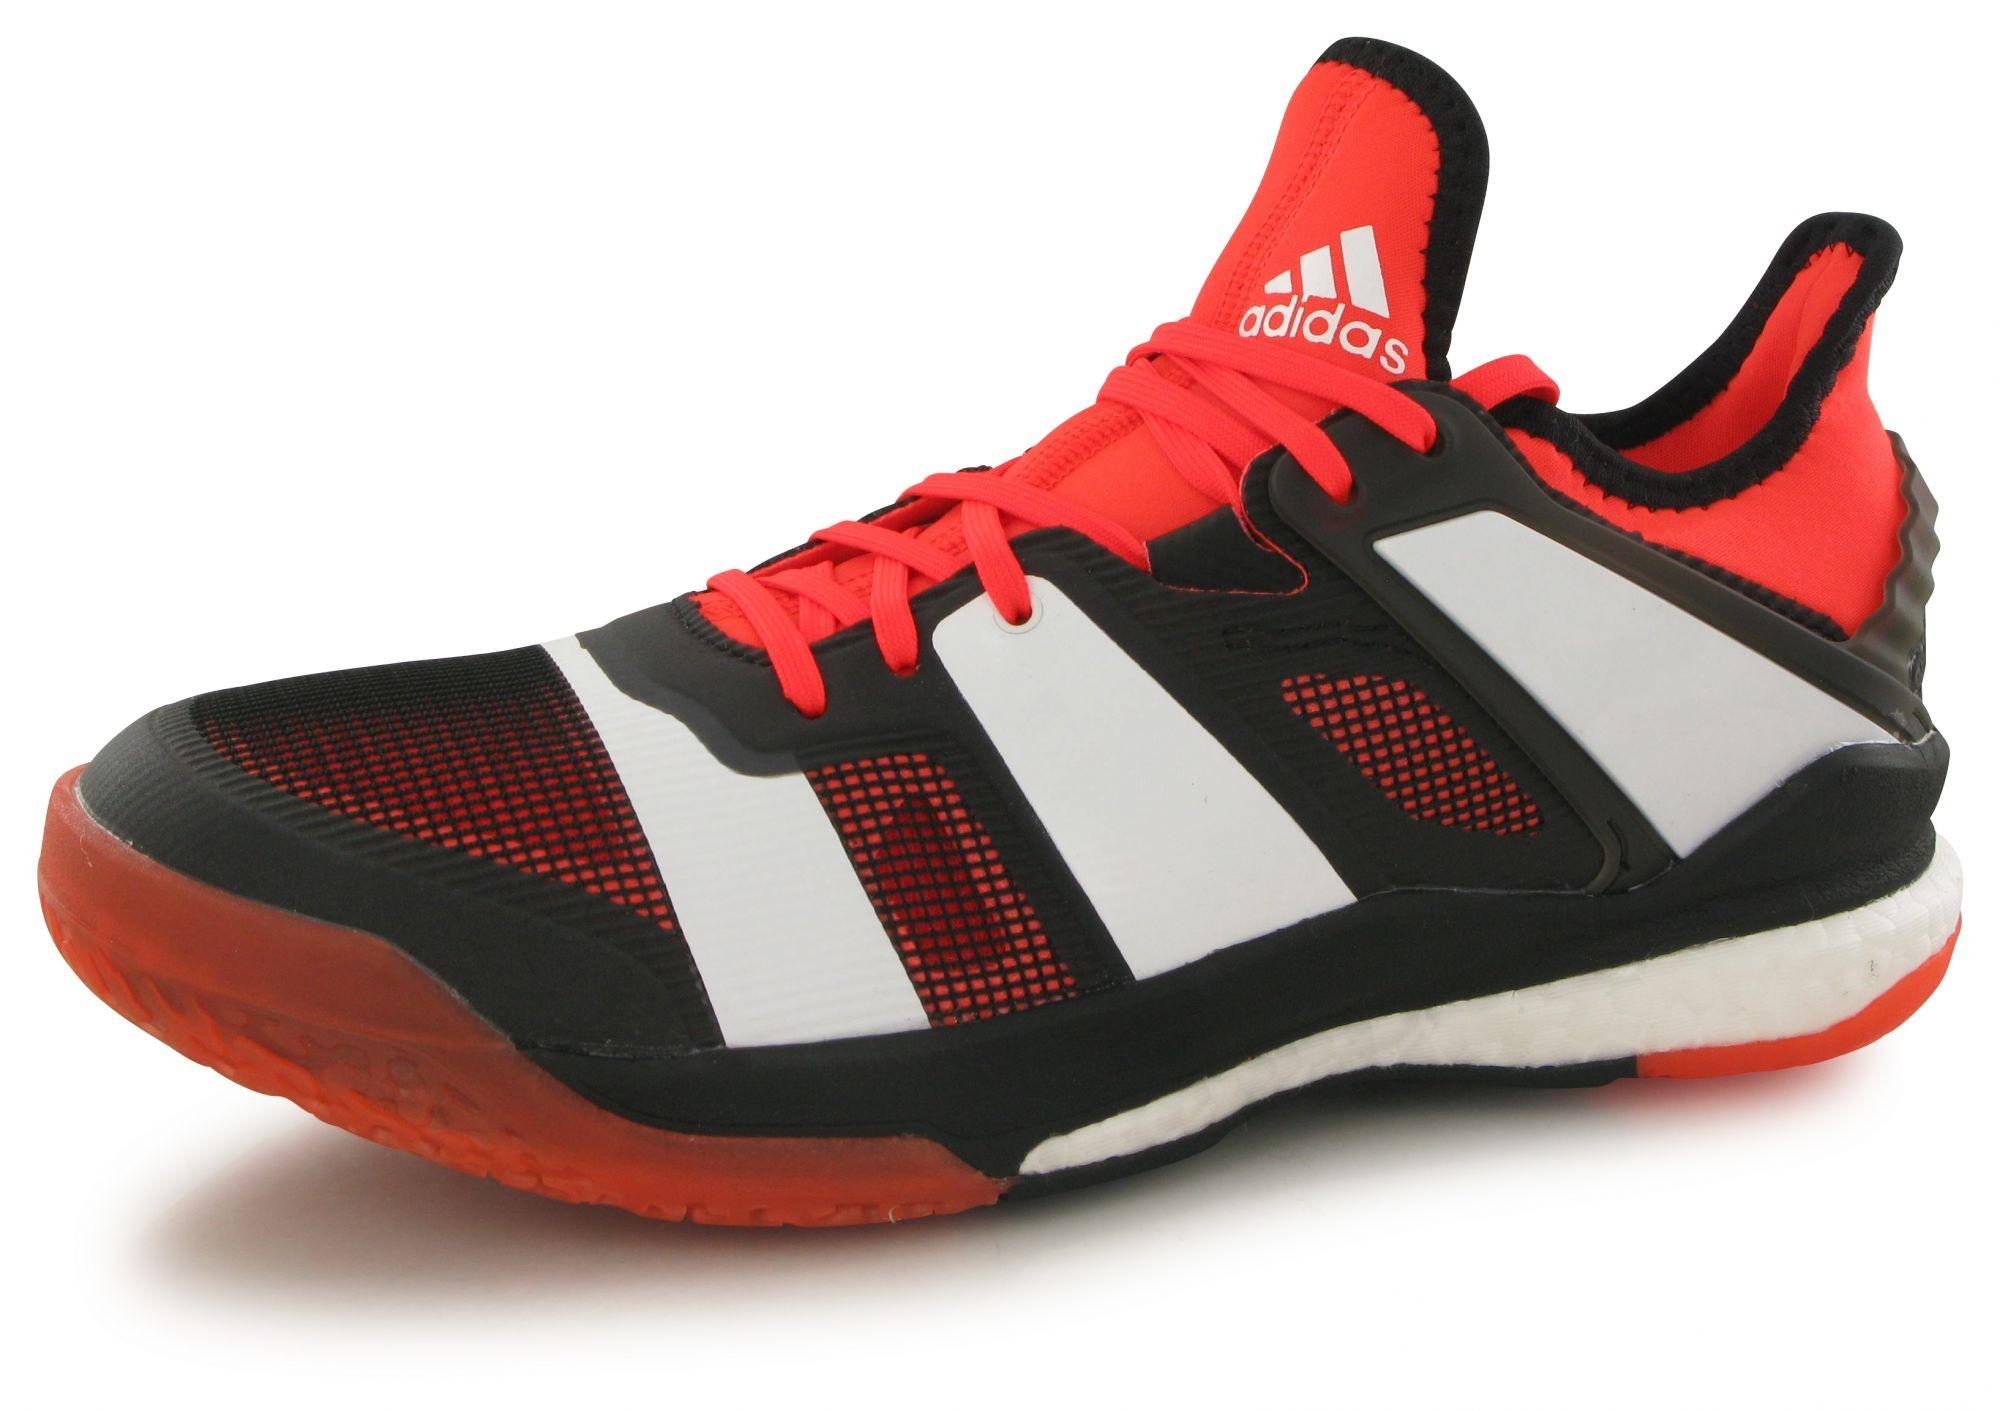 najlepsza strona internetowa gorące wyprzedaże Nowa lista Buty piłka ręczna Adidas Stabil X Red BY2521 - 44 ...